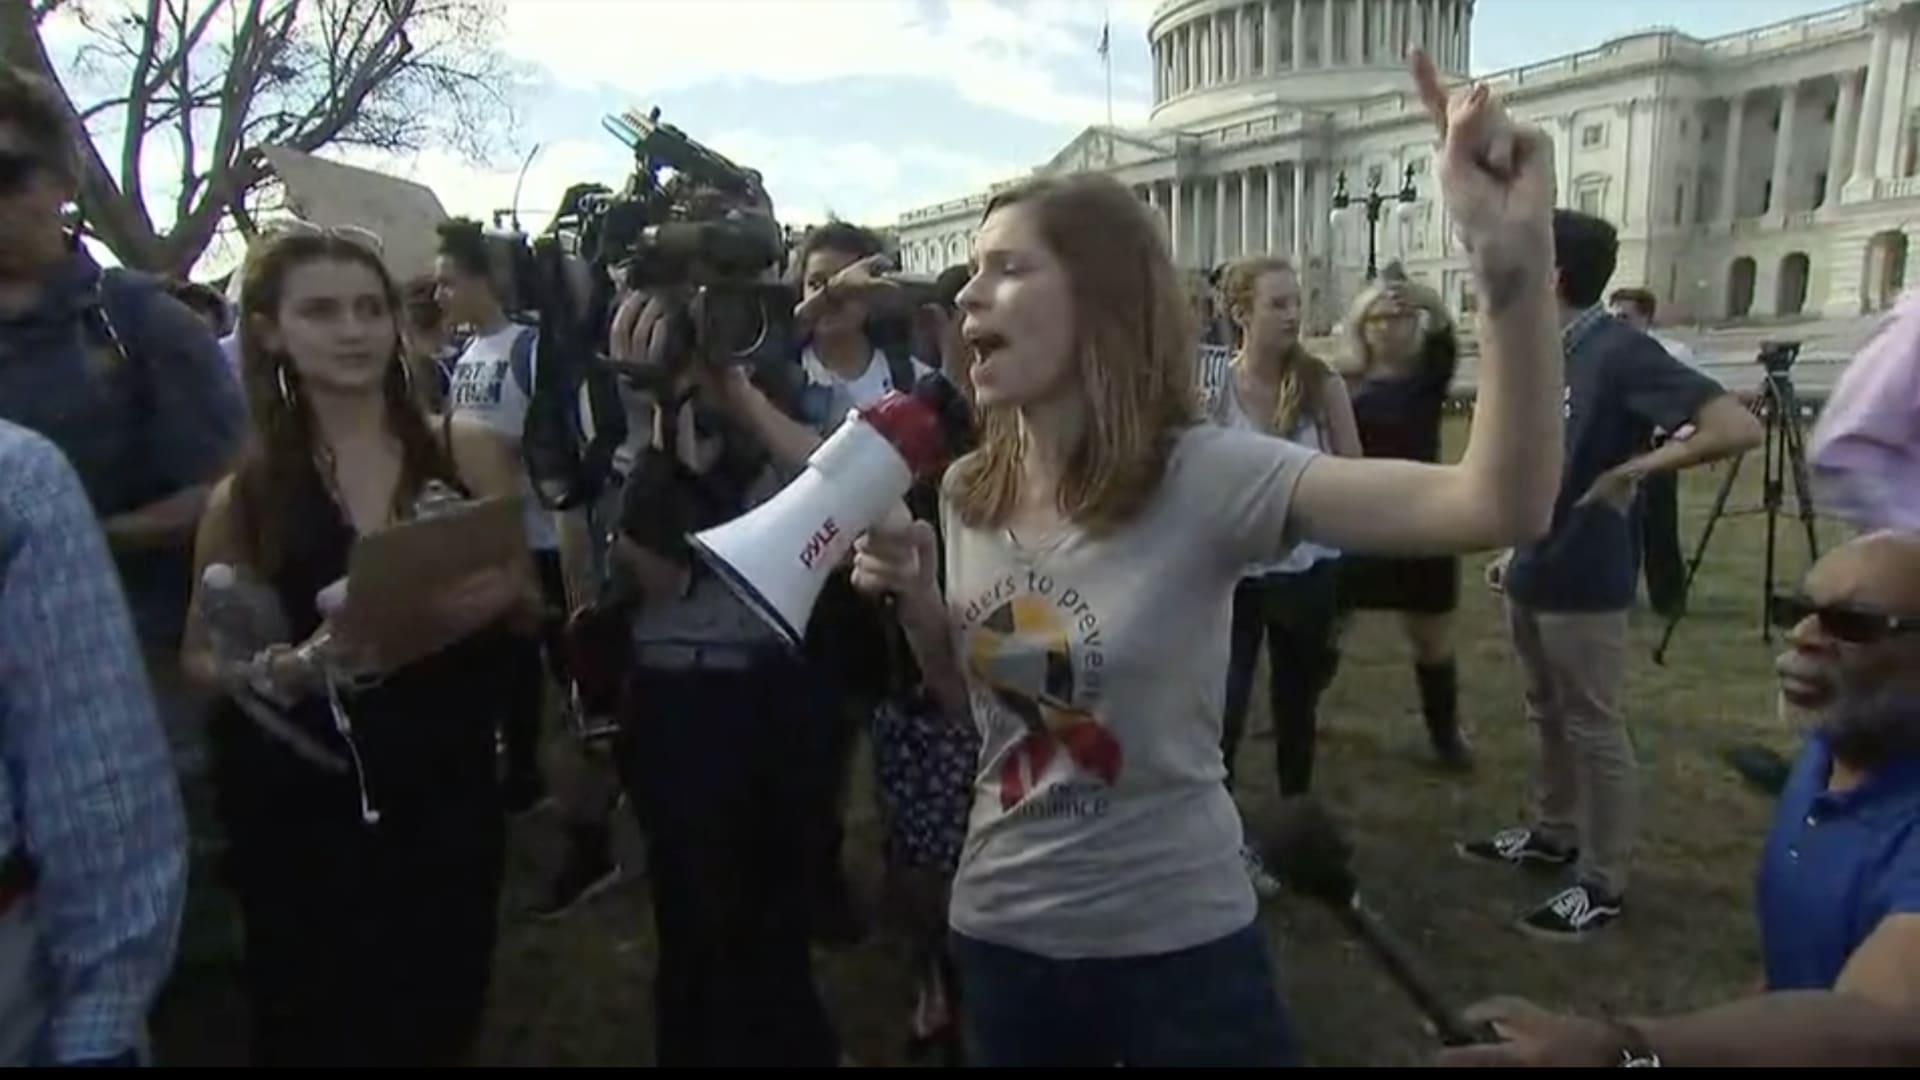 شاهد.. آلاف الطلاب يتظاهرون ضد عنف السلاح بأمريكا